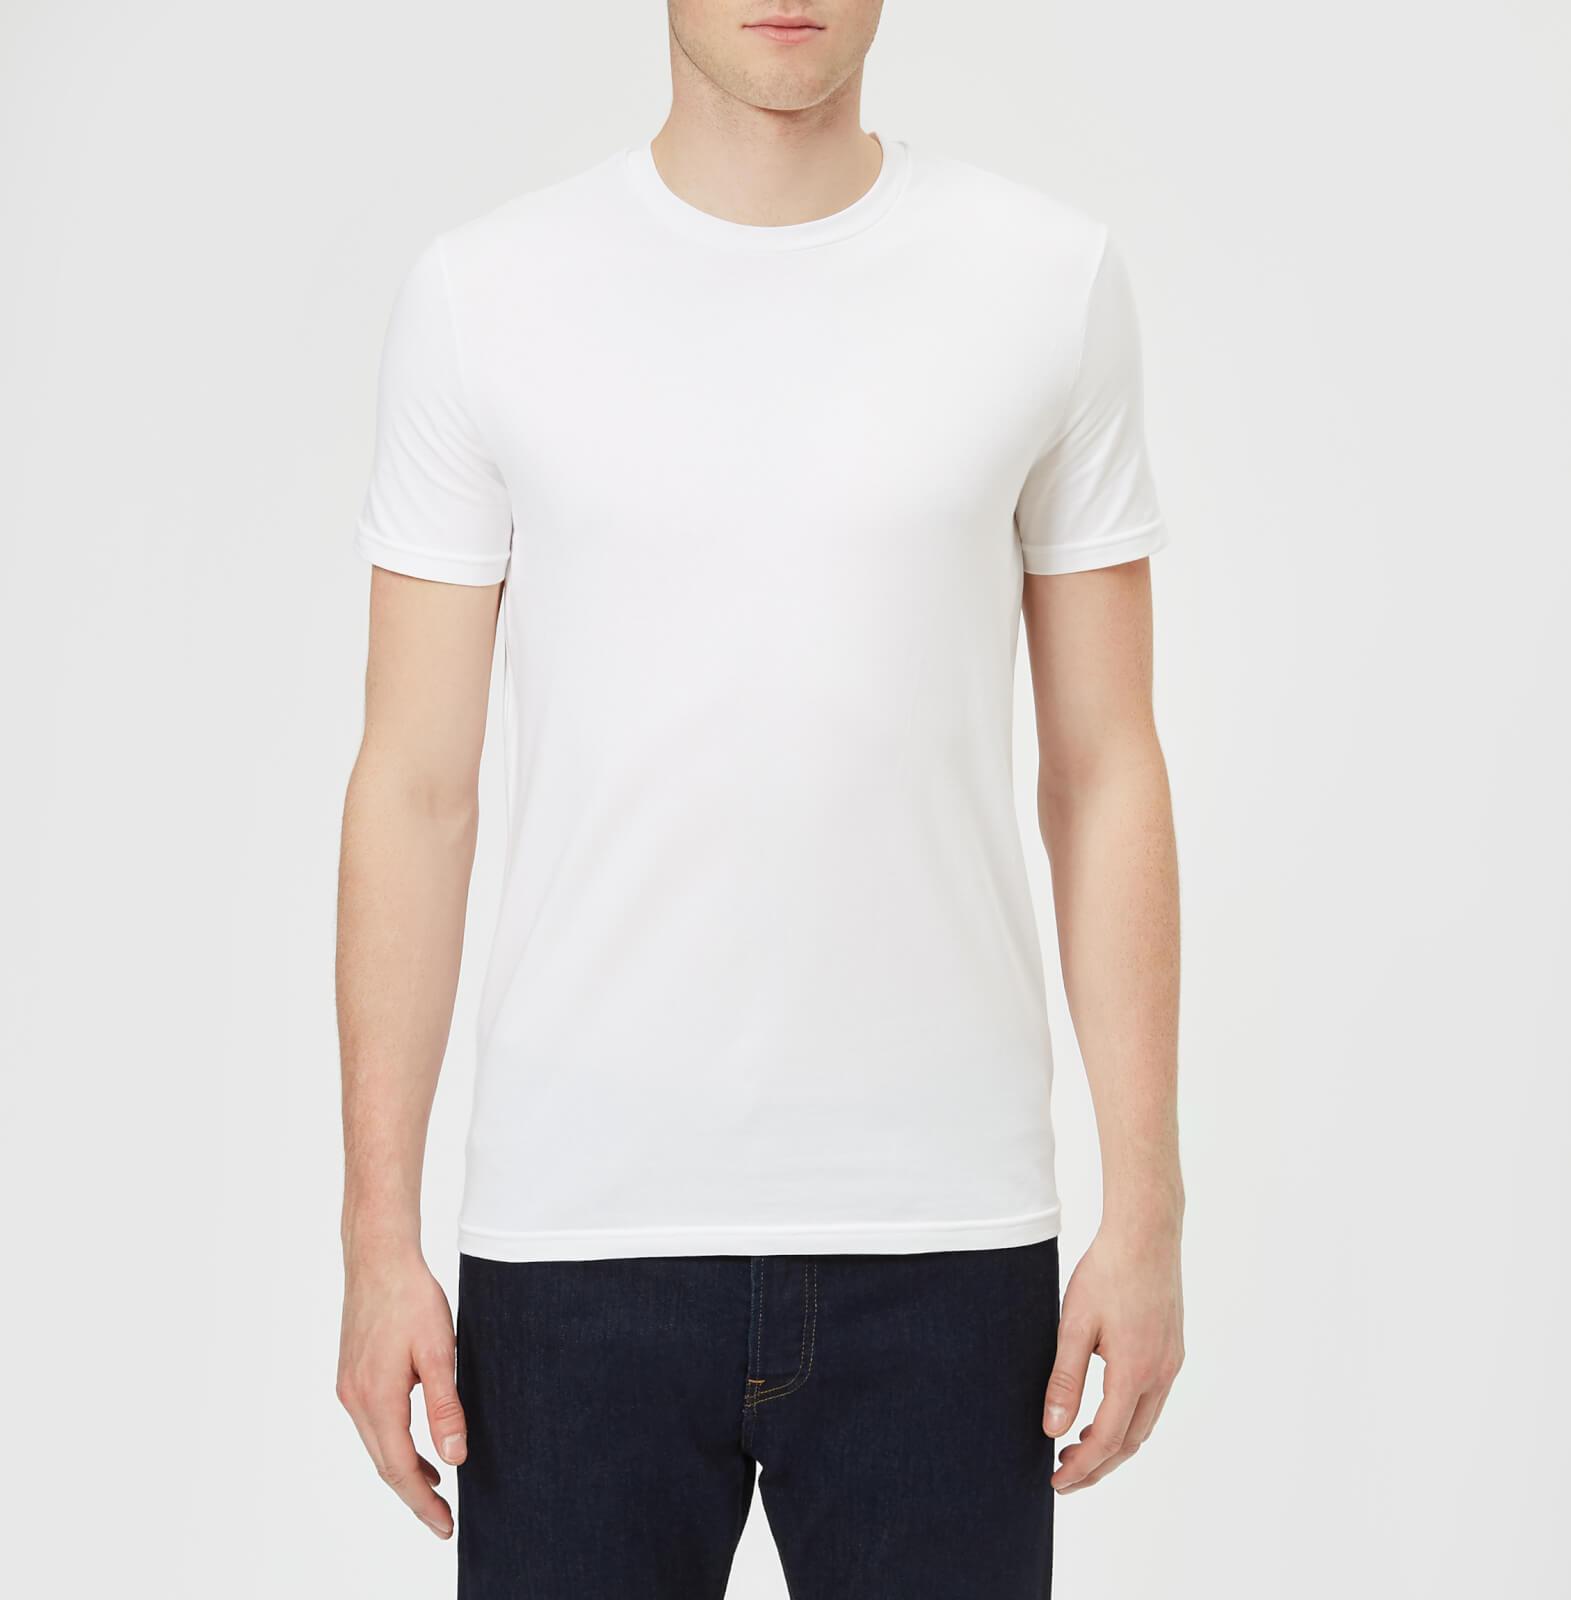 b6e30d3e1bb6 Dsquared2 Men's Twin Pack Crew Neck T-Shirt - White Clothing | TheHut.com